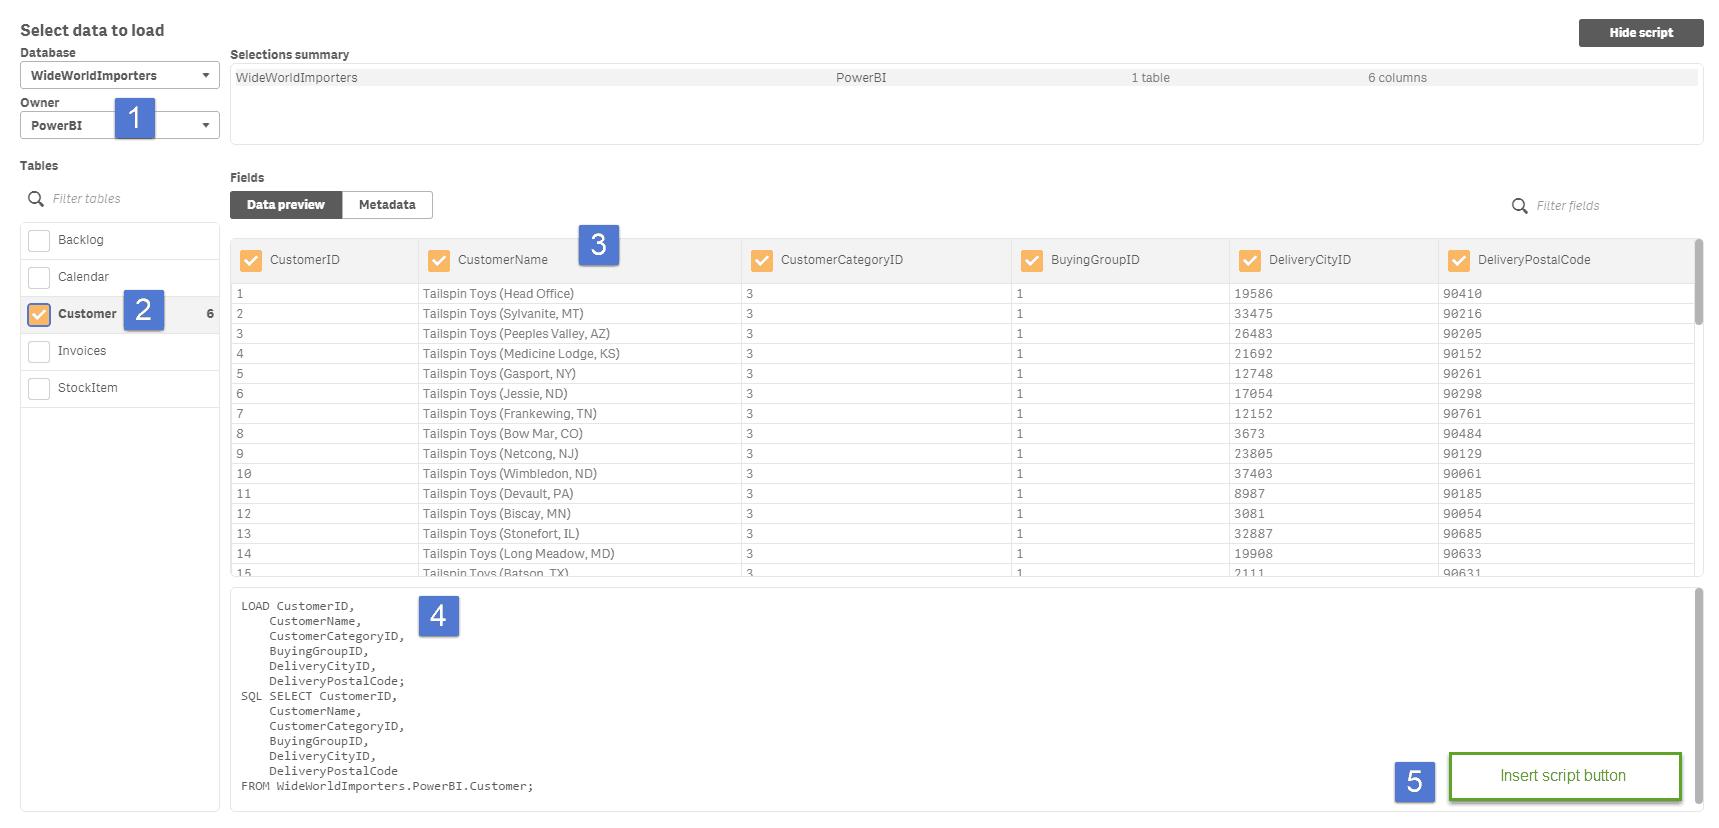 Data Preview Screen in Qlik Sense